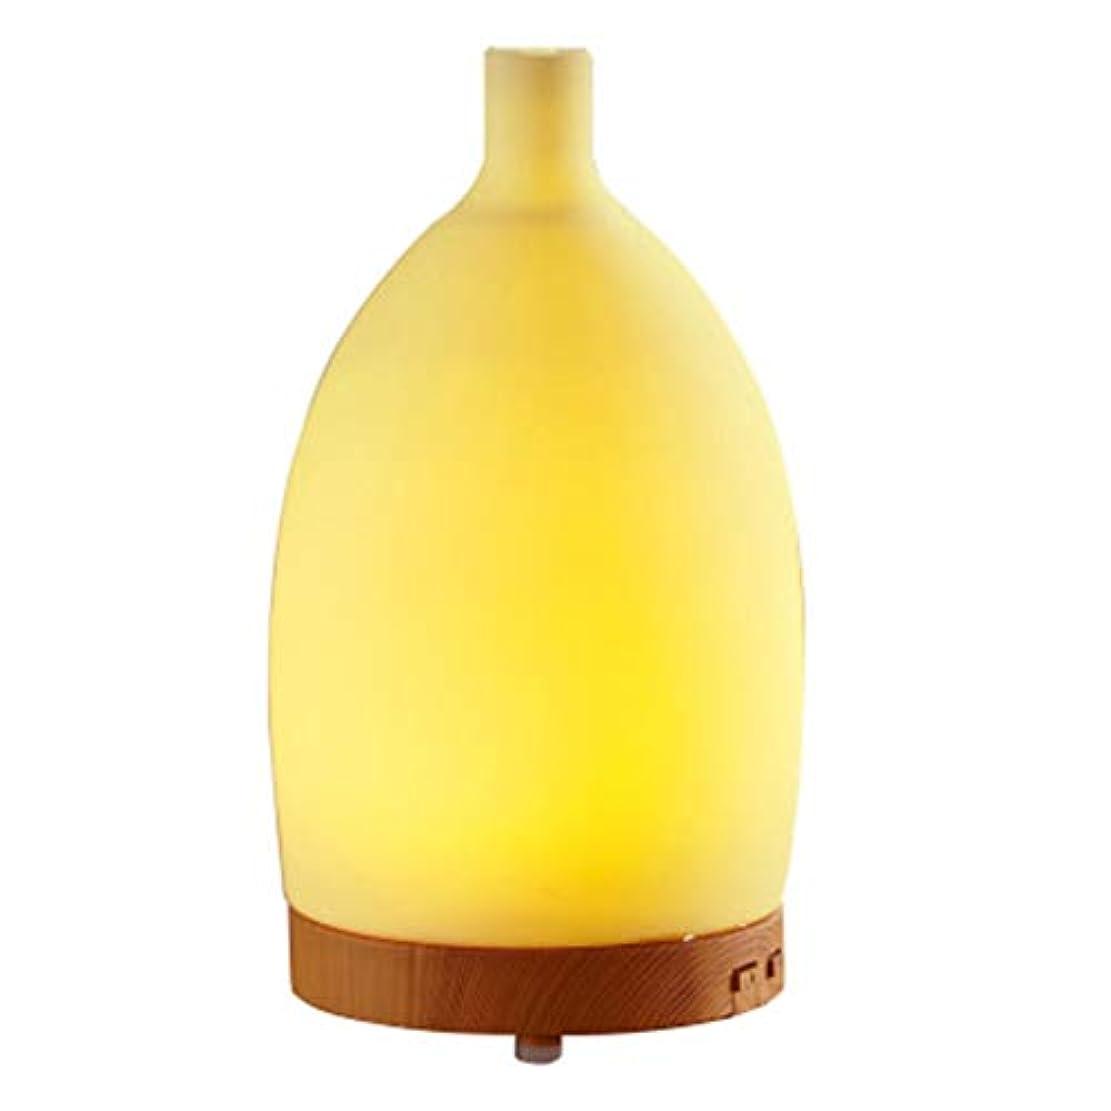 空洞祖父母を訪問伝統的7つの可変性の色LEDライトが付いている100mlシリコーンの花瓶の加湿器のための精油の拡散器は水の自動オフ浄化の空気を浄化します (Color : Colorful)